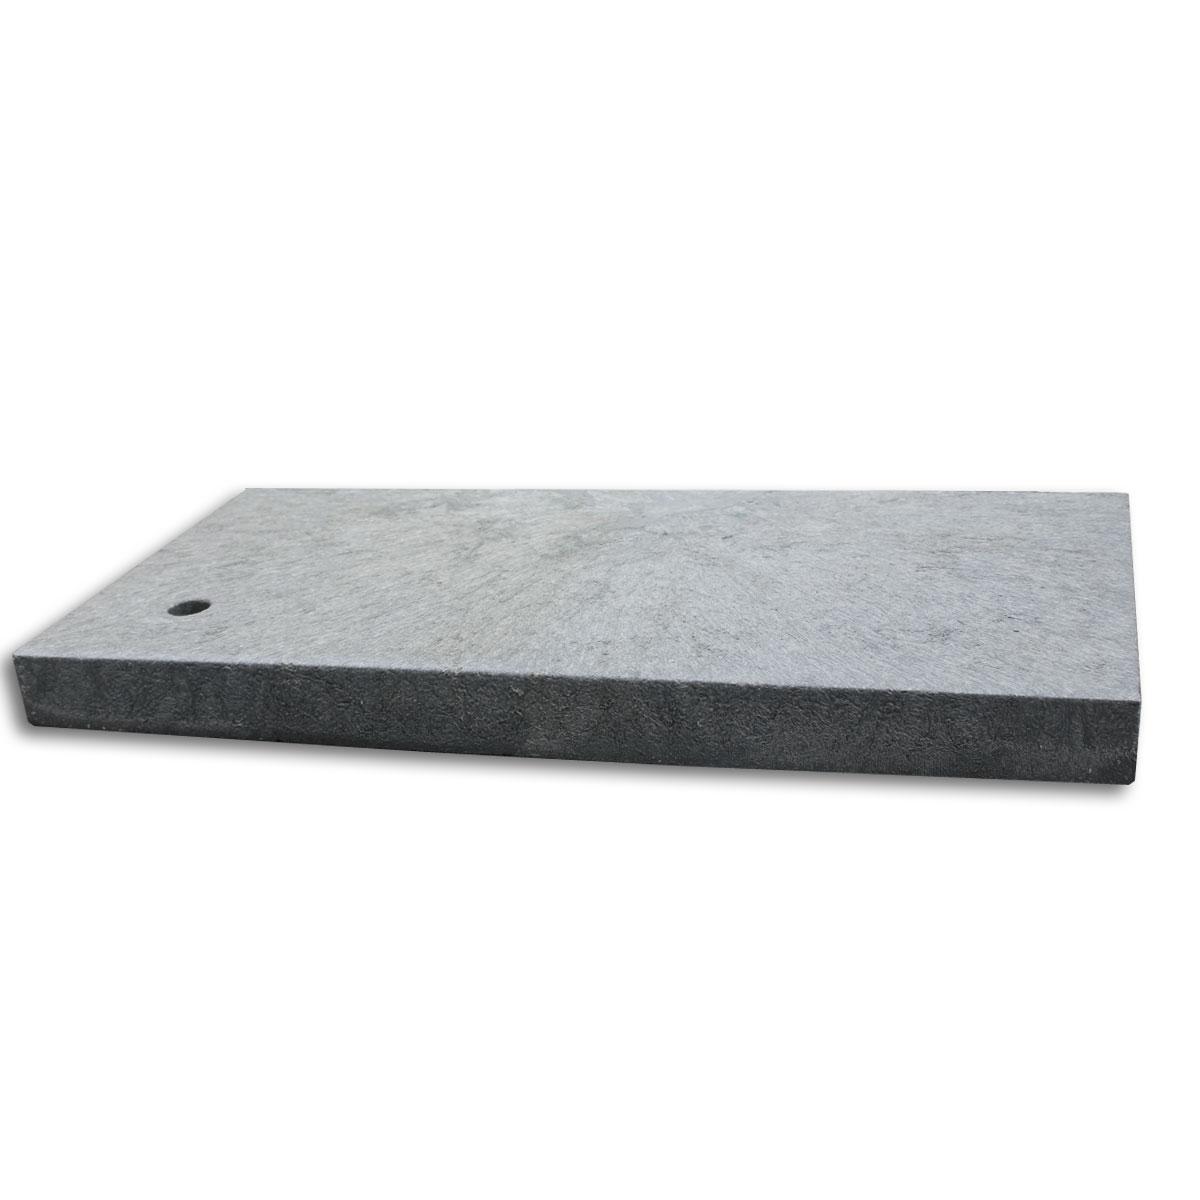 Kunststoffplatten / Unterbauplatten - 2cm